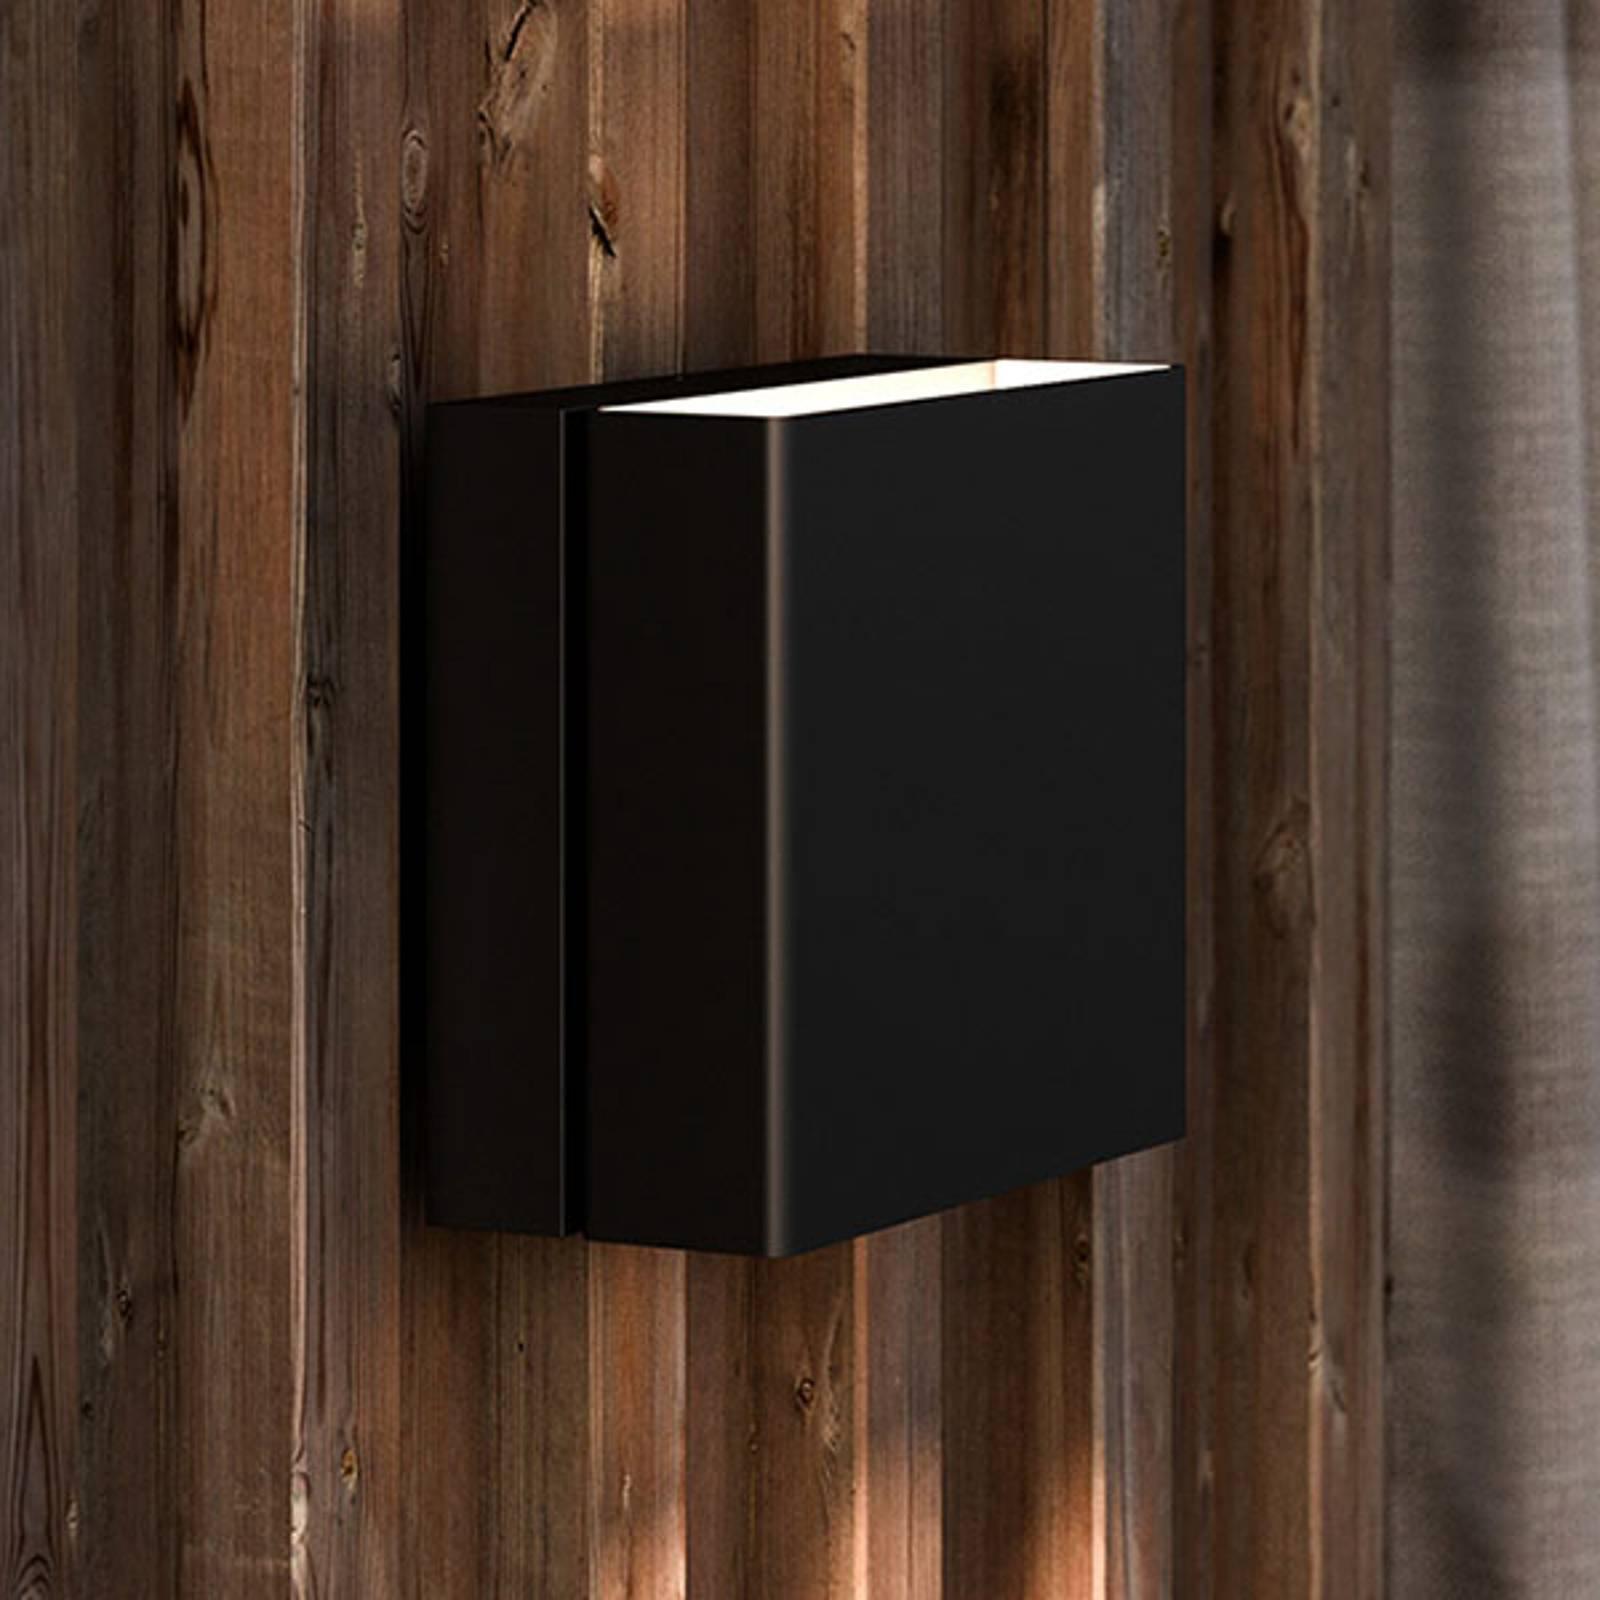 LED-ulkoseinälamppu Turn, himmennettävä, musta